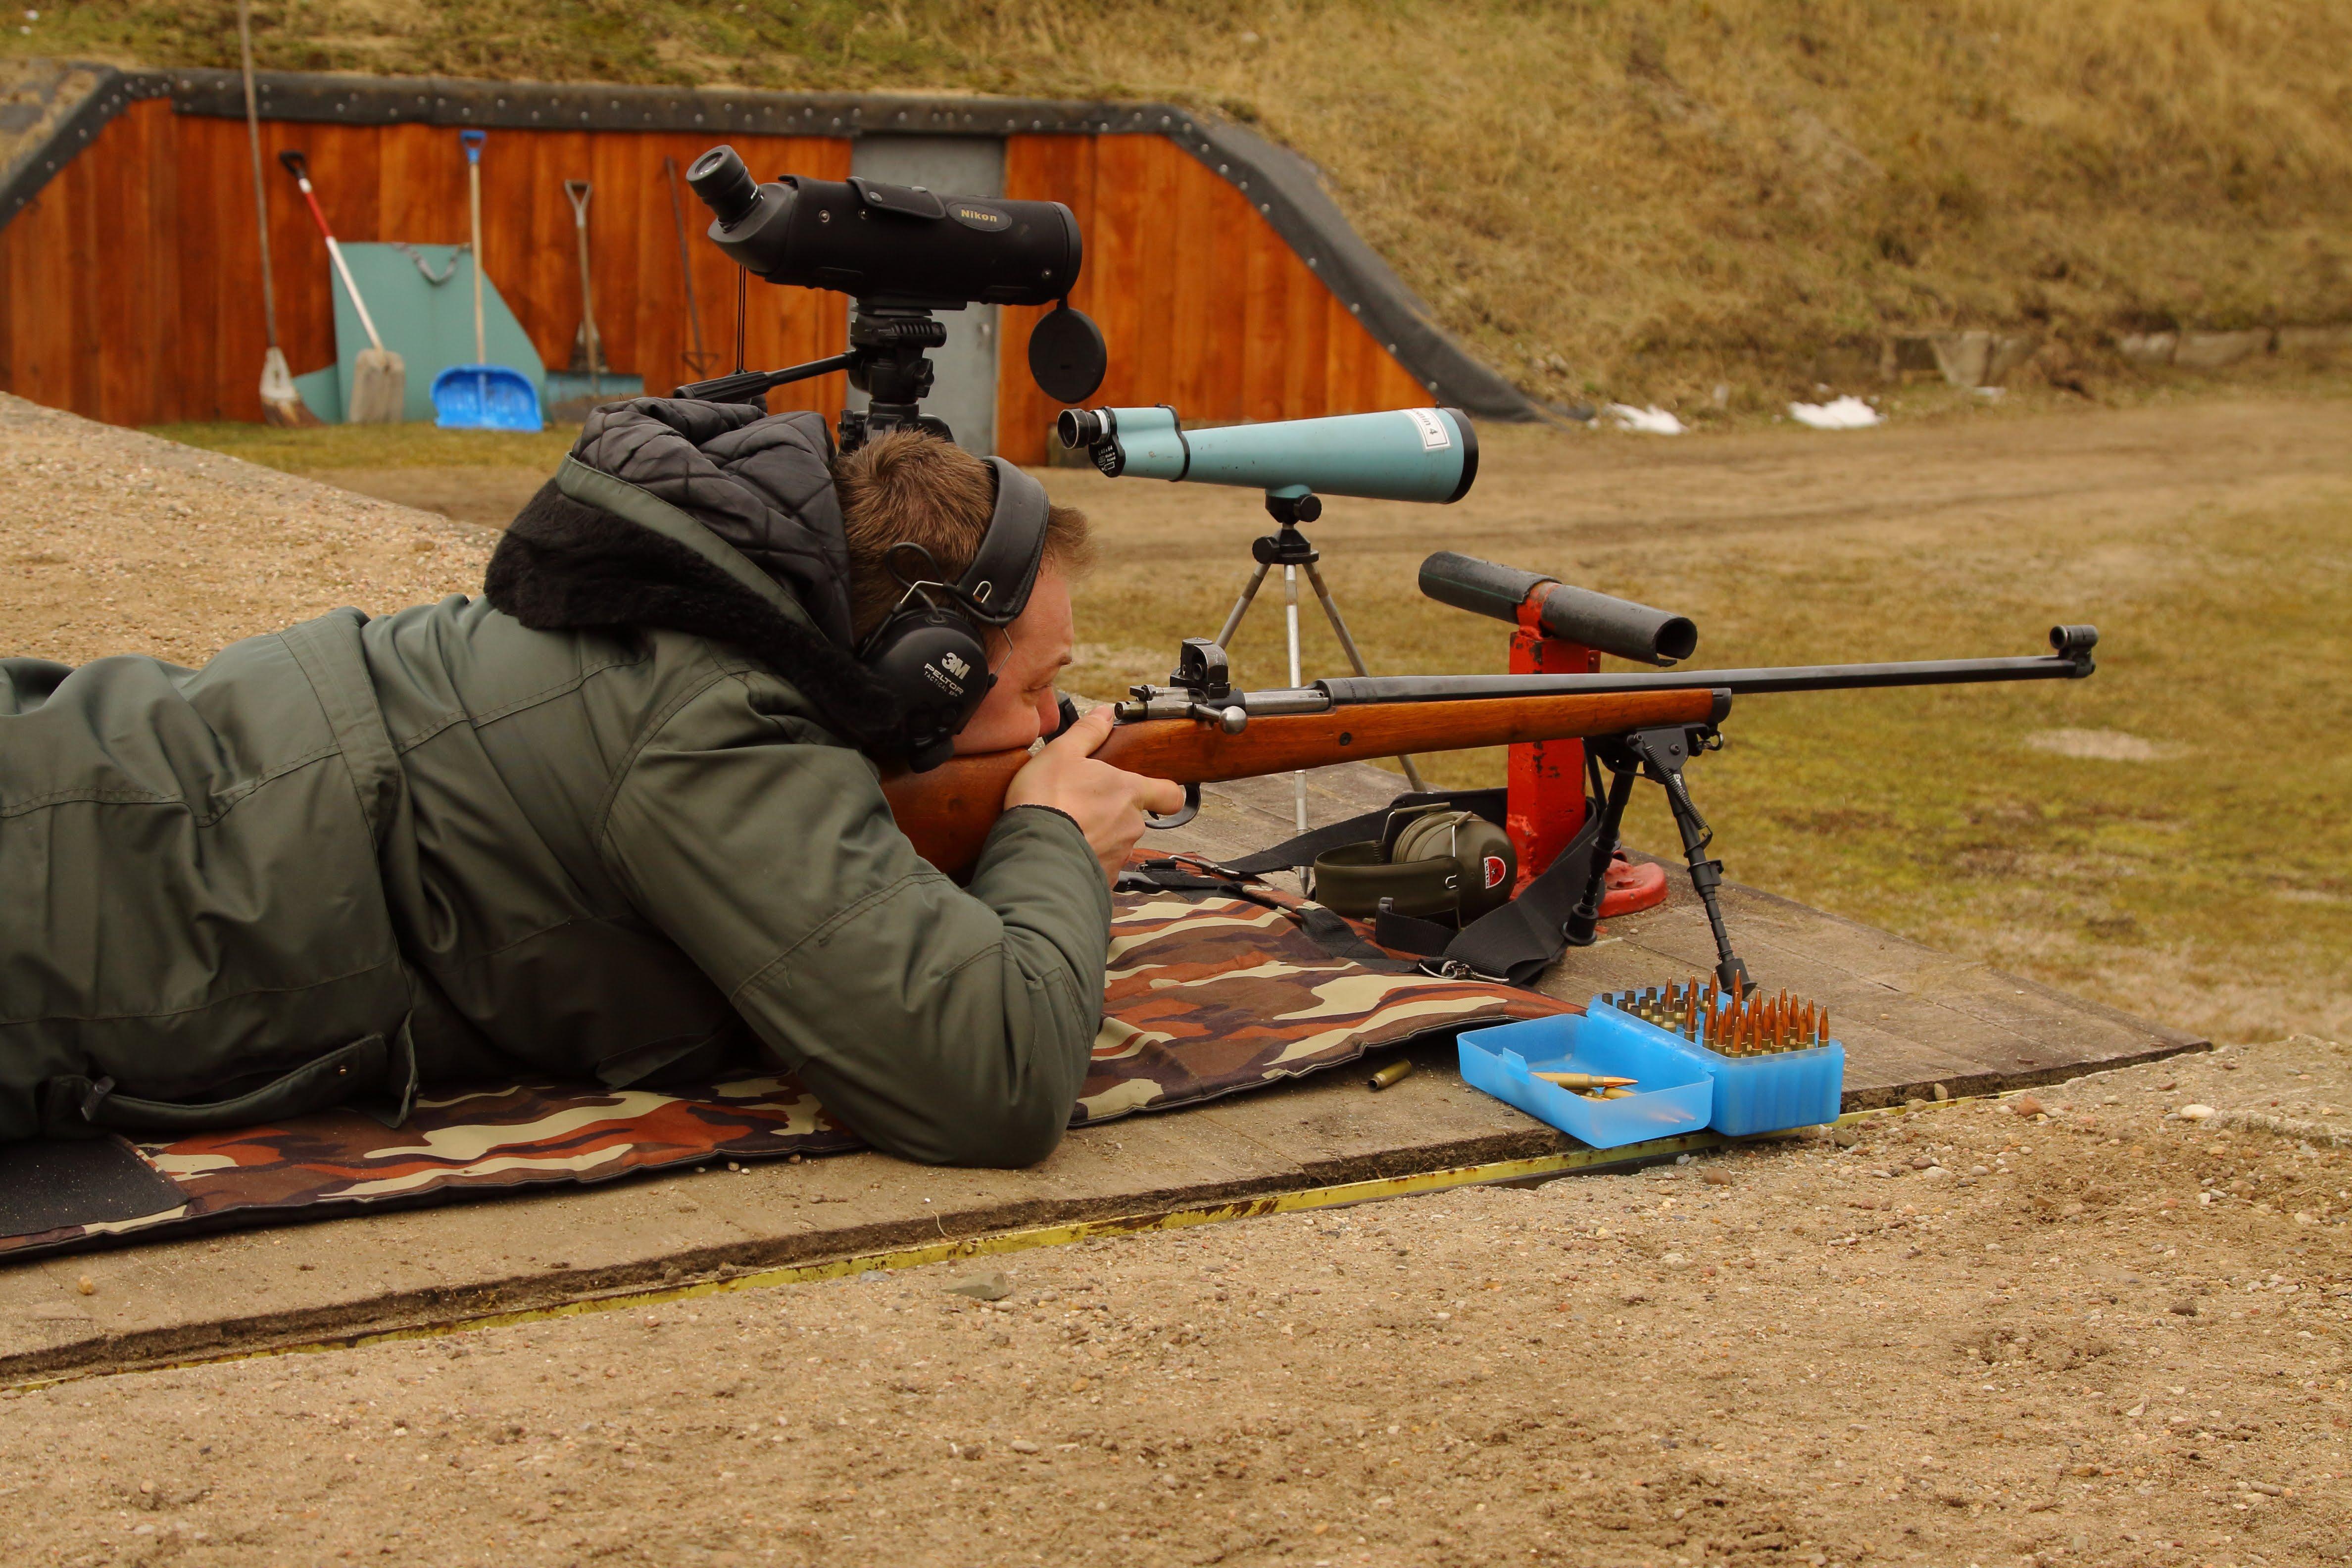 Szkolenie na instruktora strzelectwa